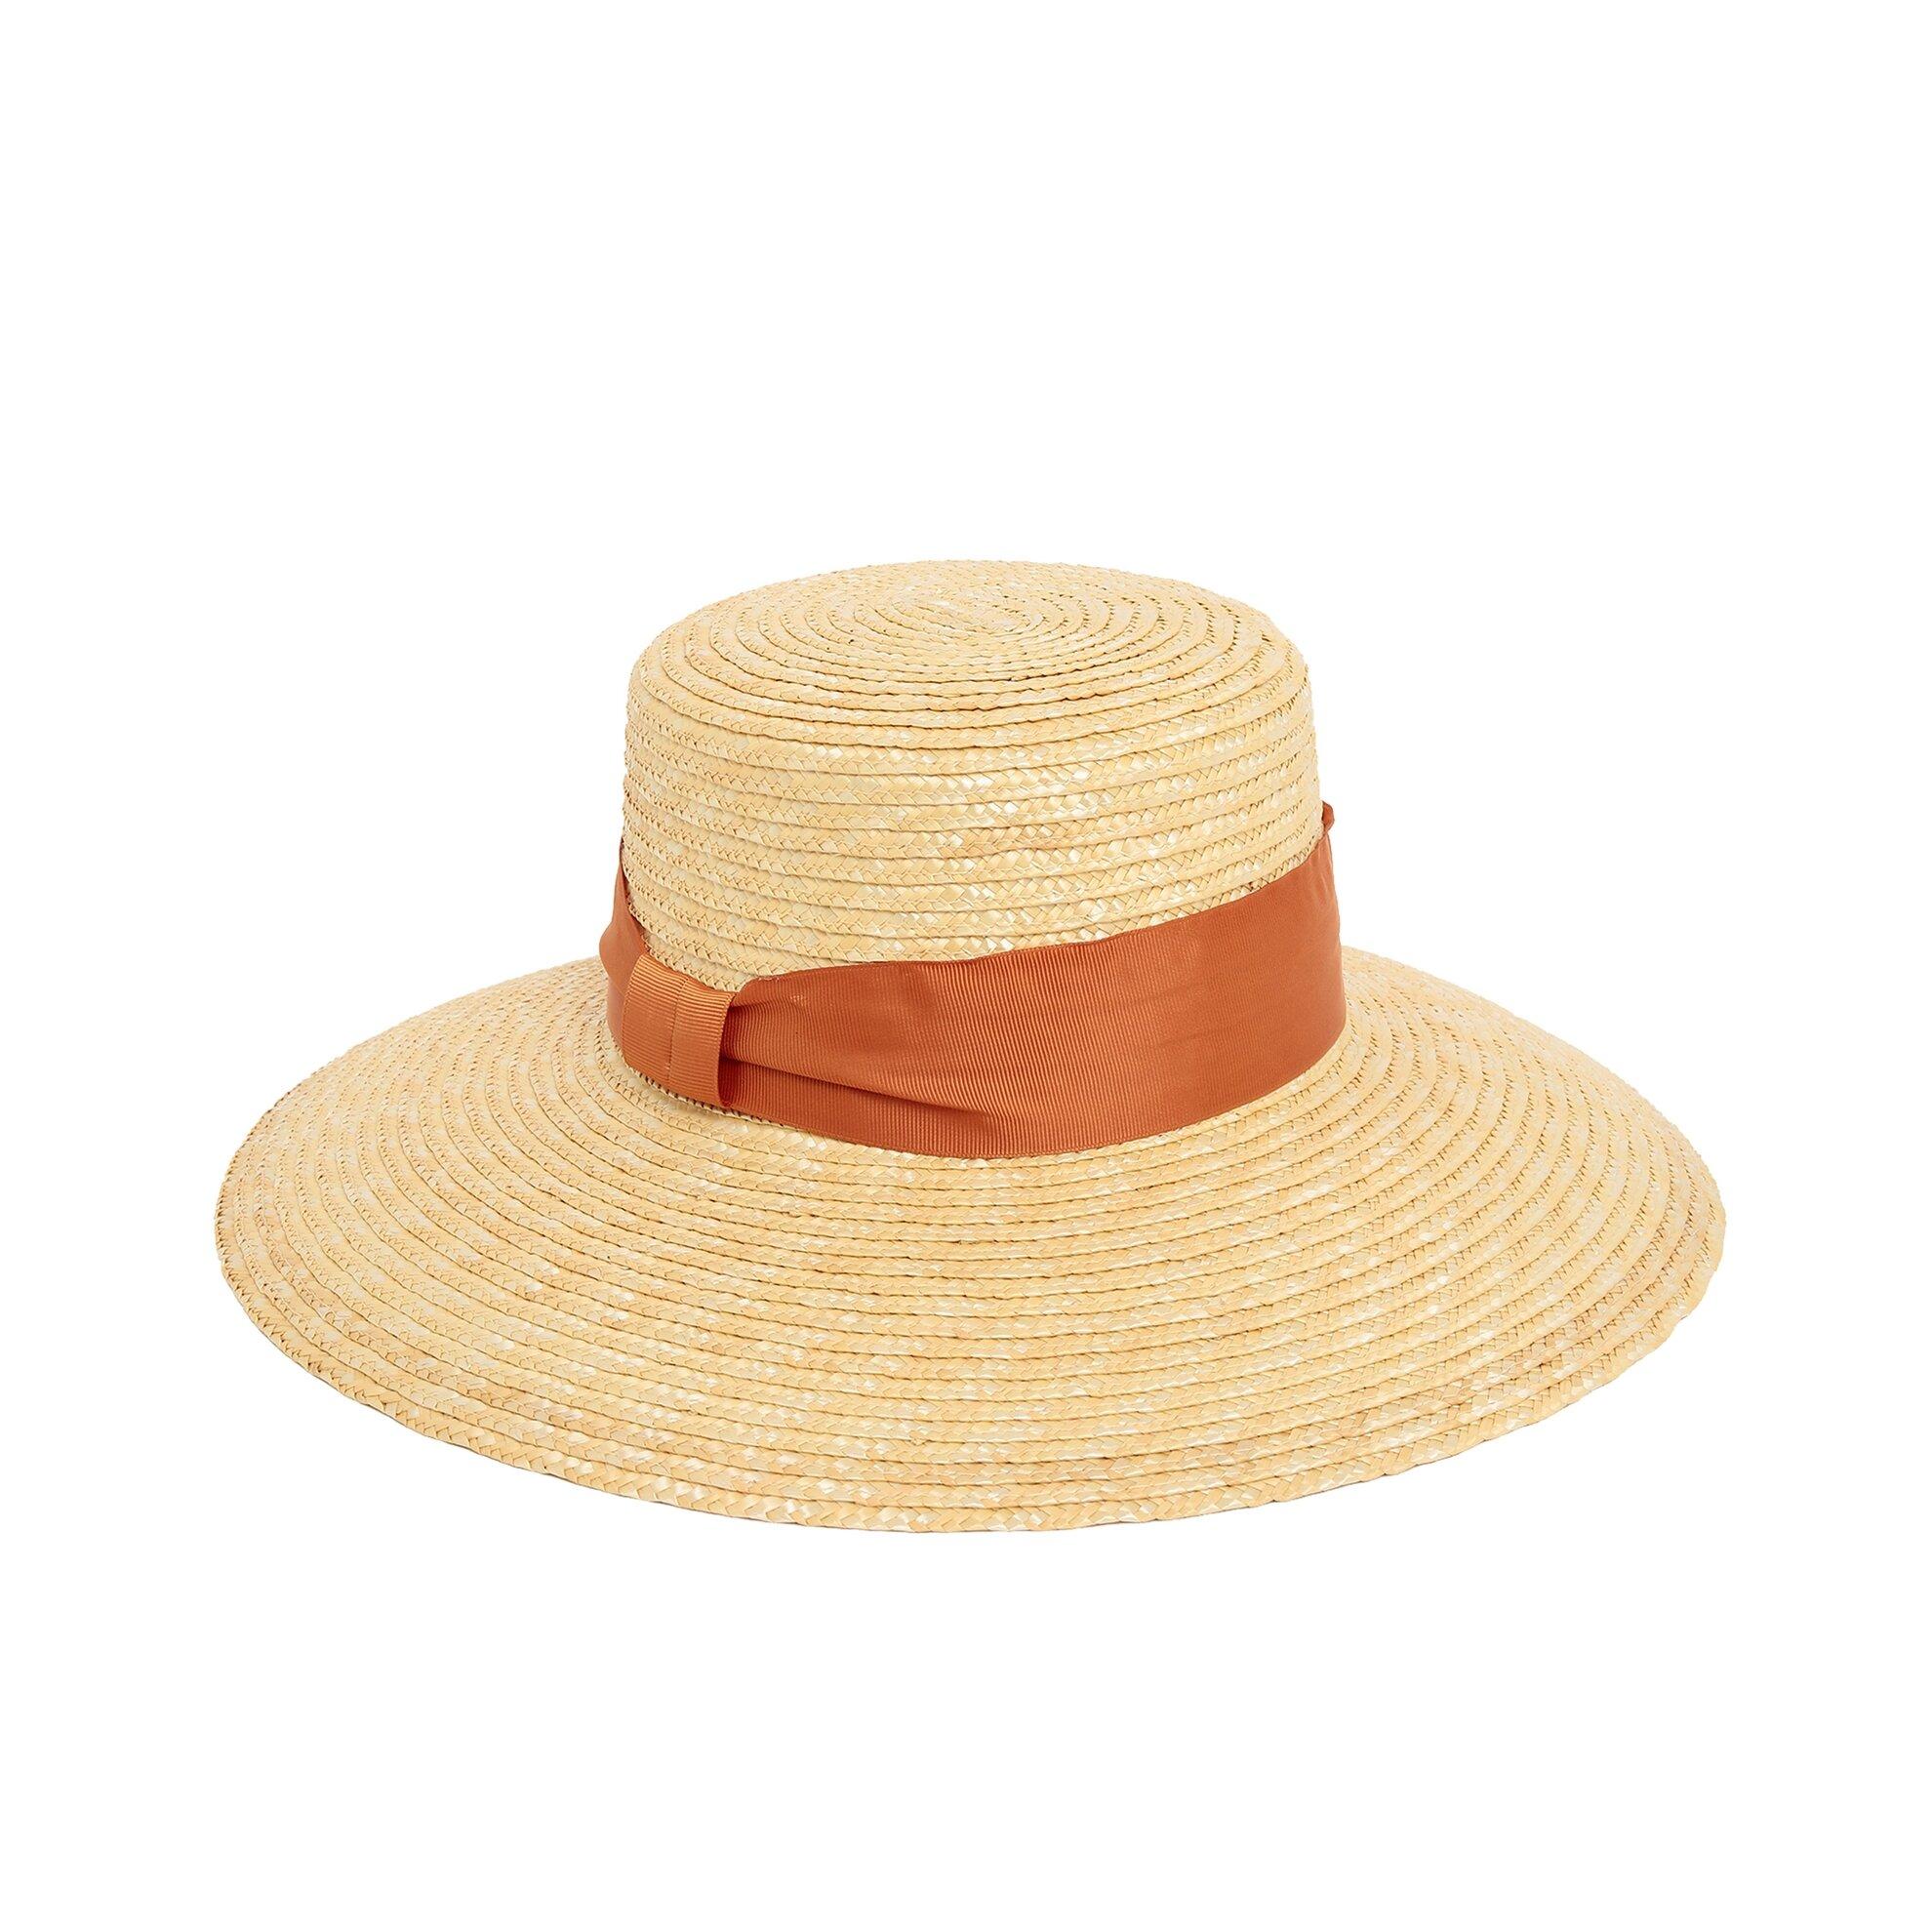 Kurdele Detaylı Hasır Şapka